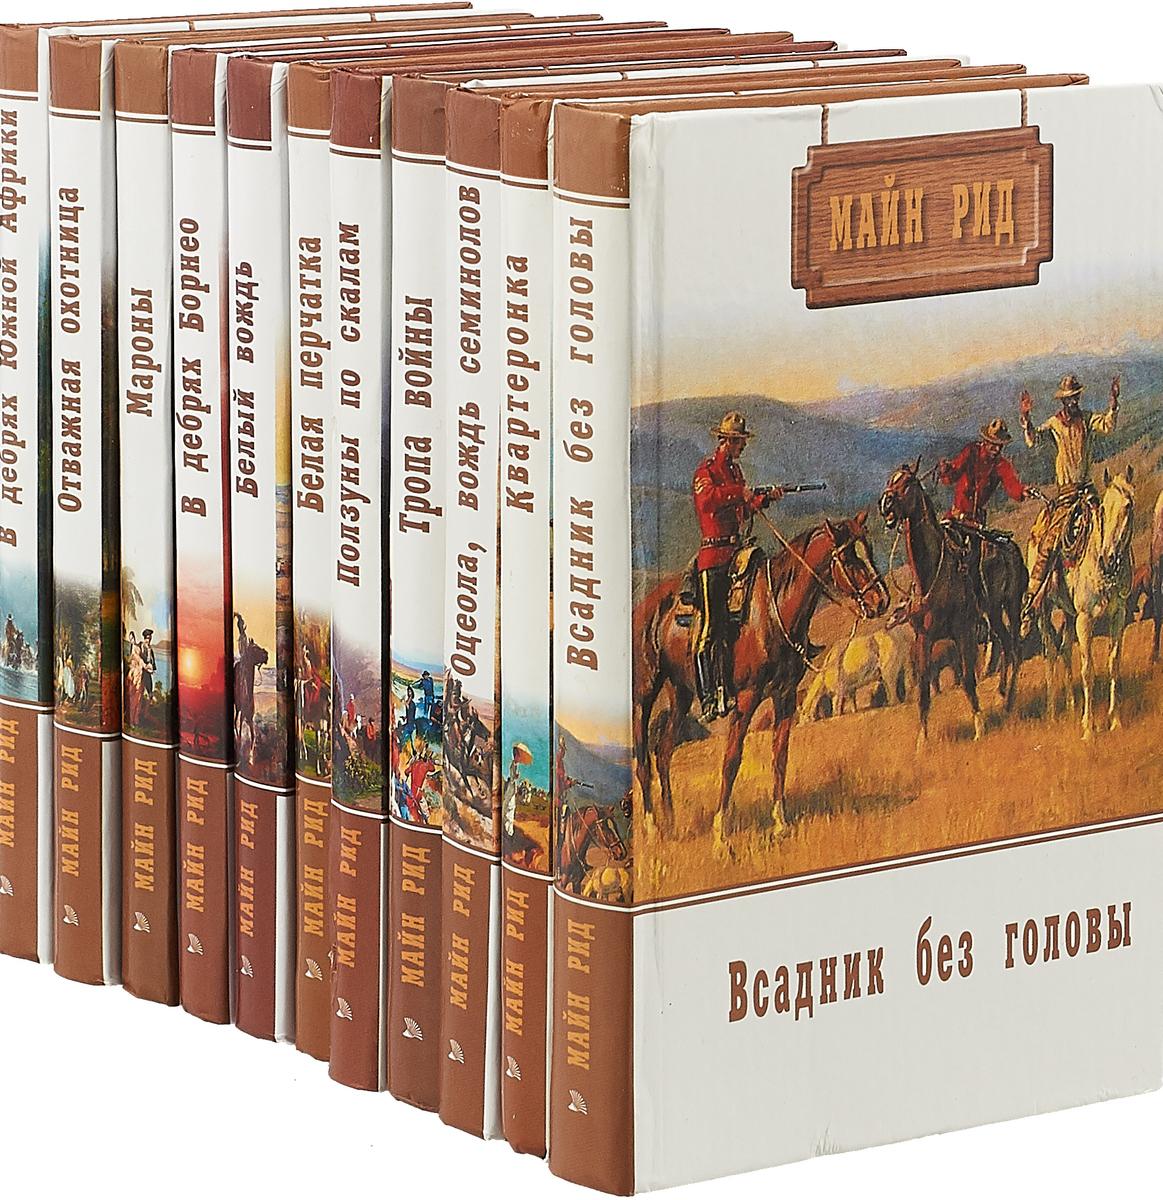 Рид М. Майн Рид. Собрание сочинений (комплект из 11 книг)